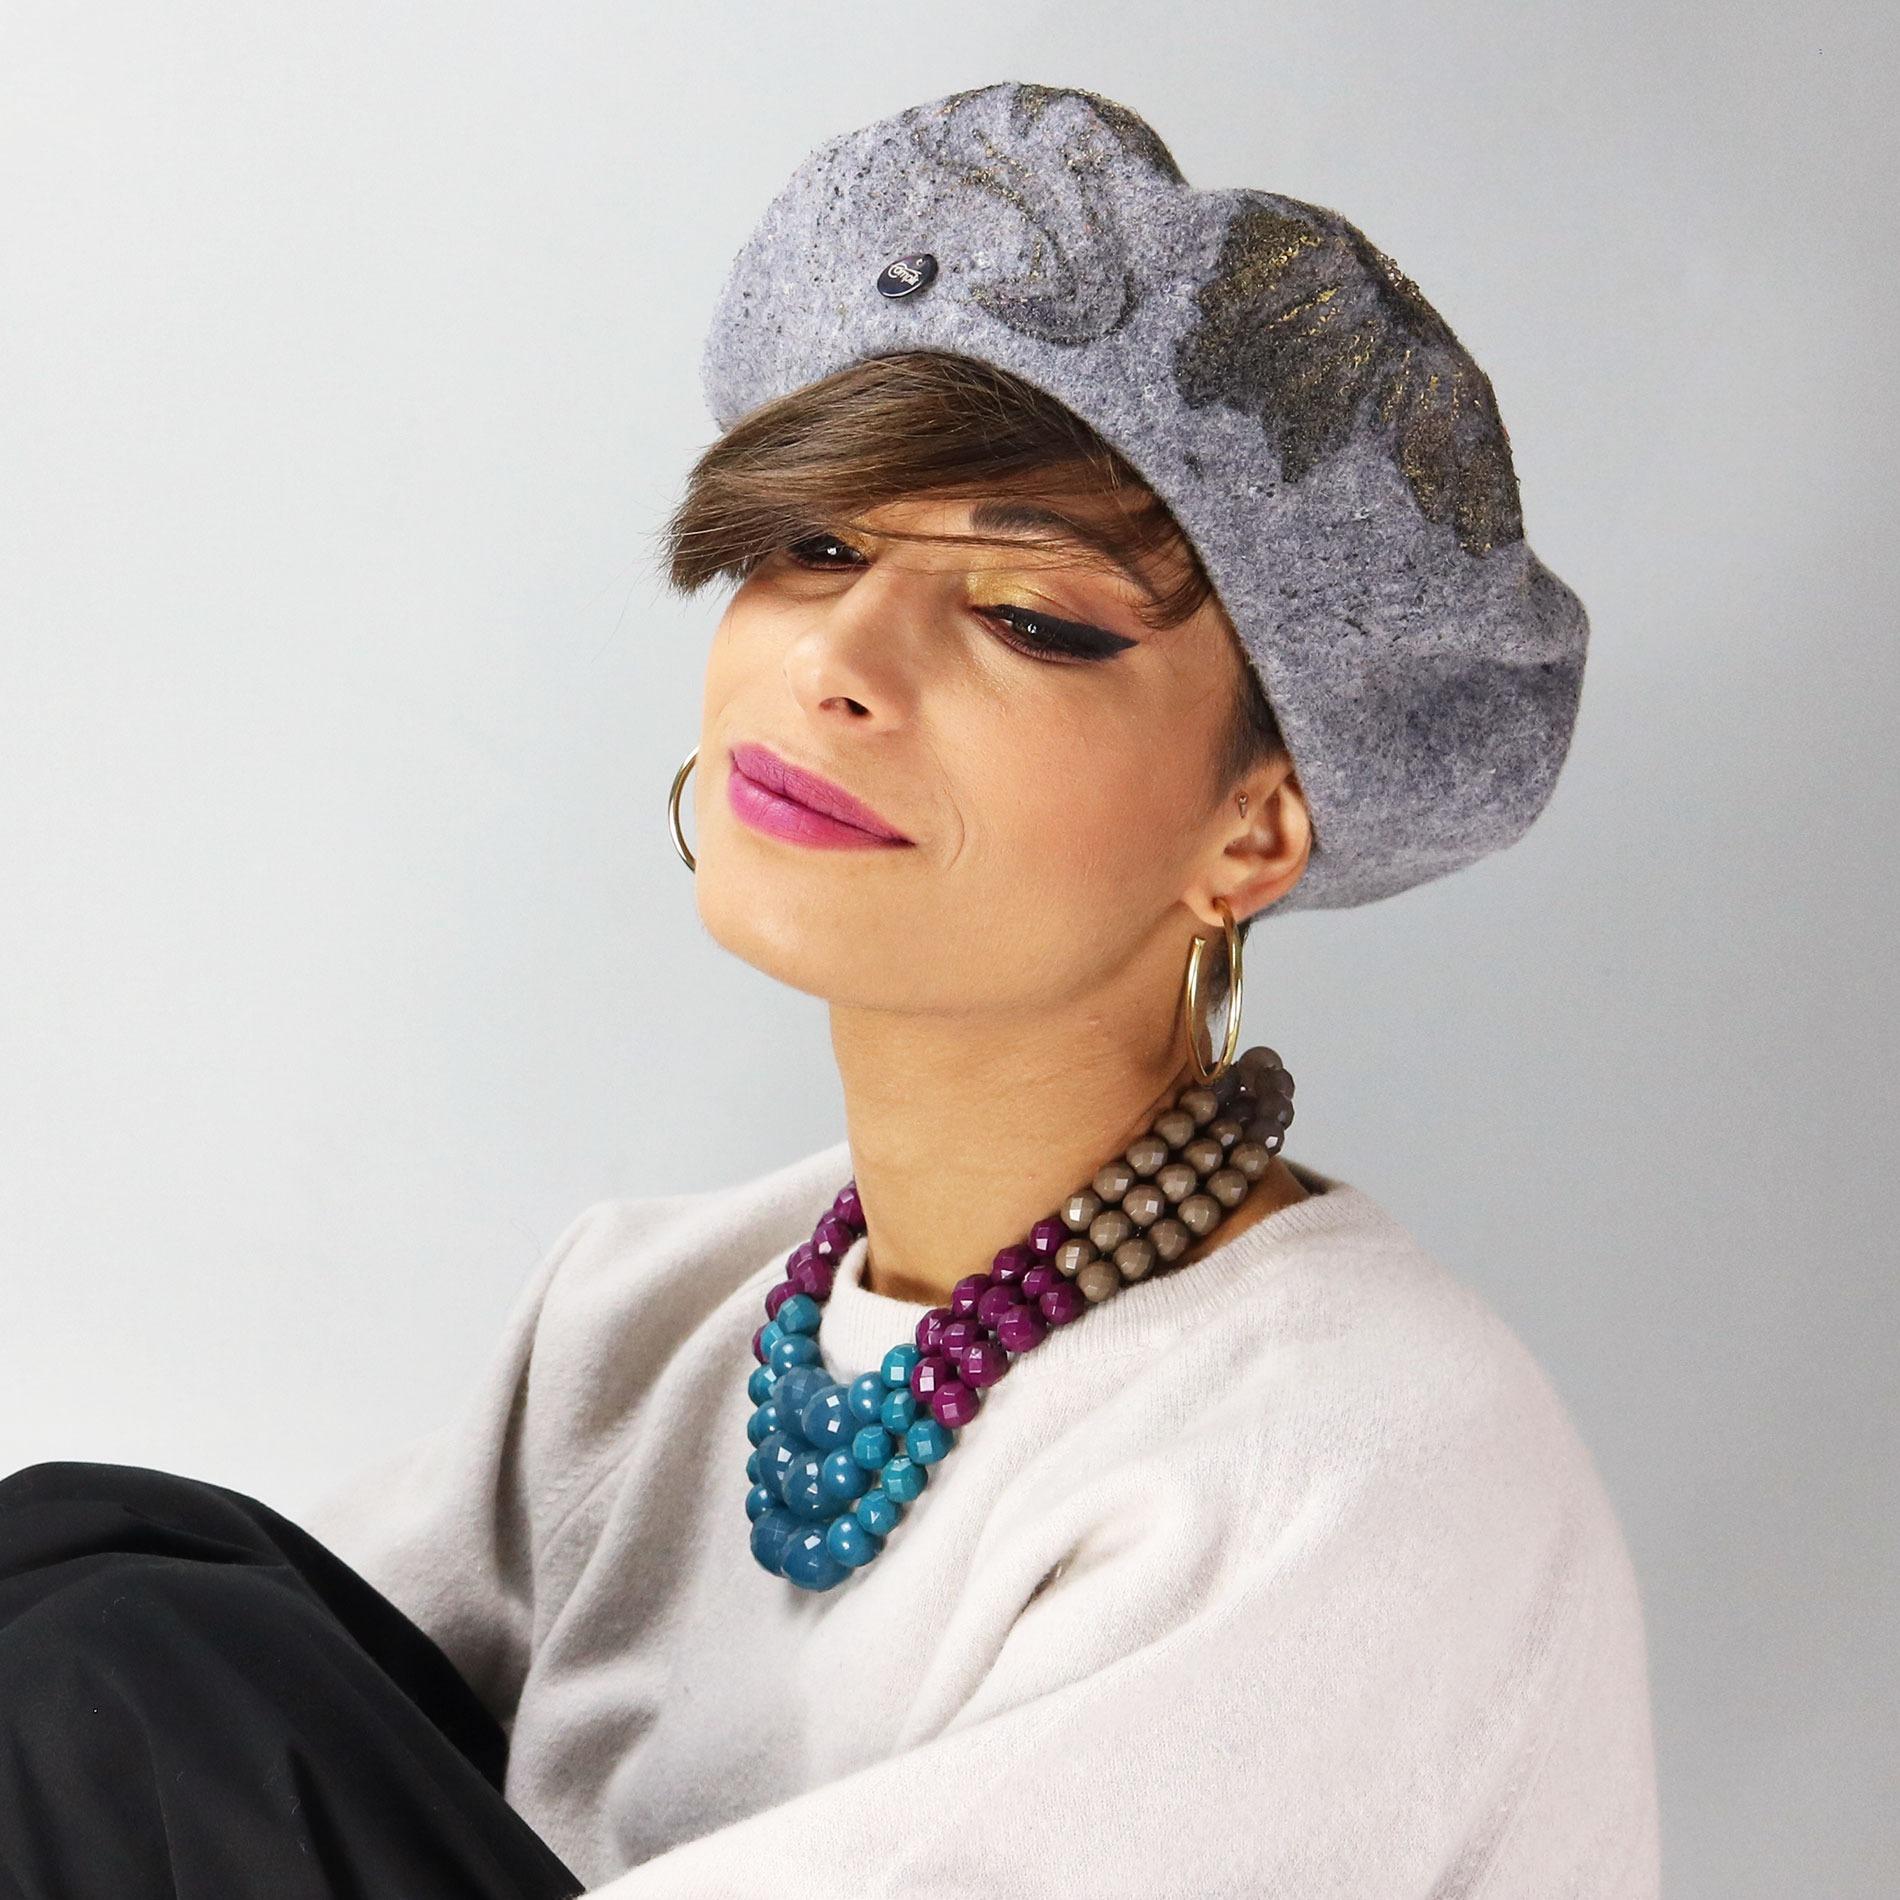 Basco grigio in lana modello alla francese 5990699931e8